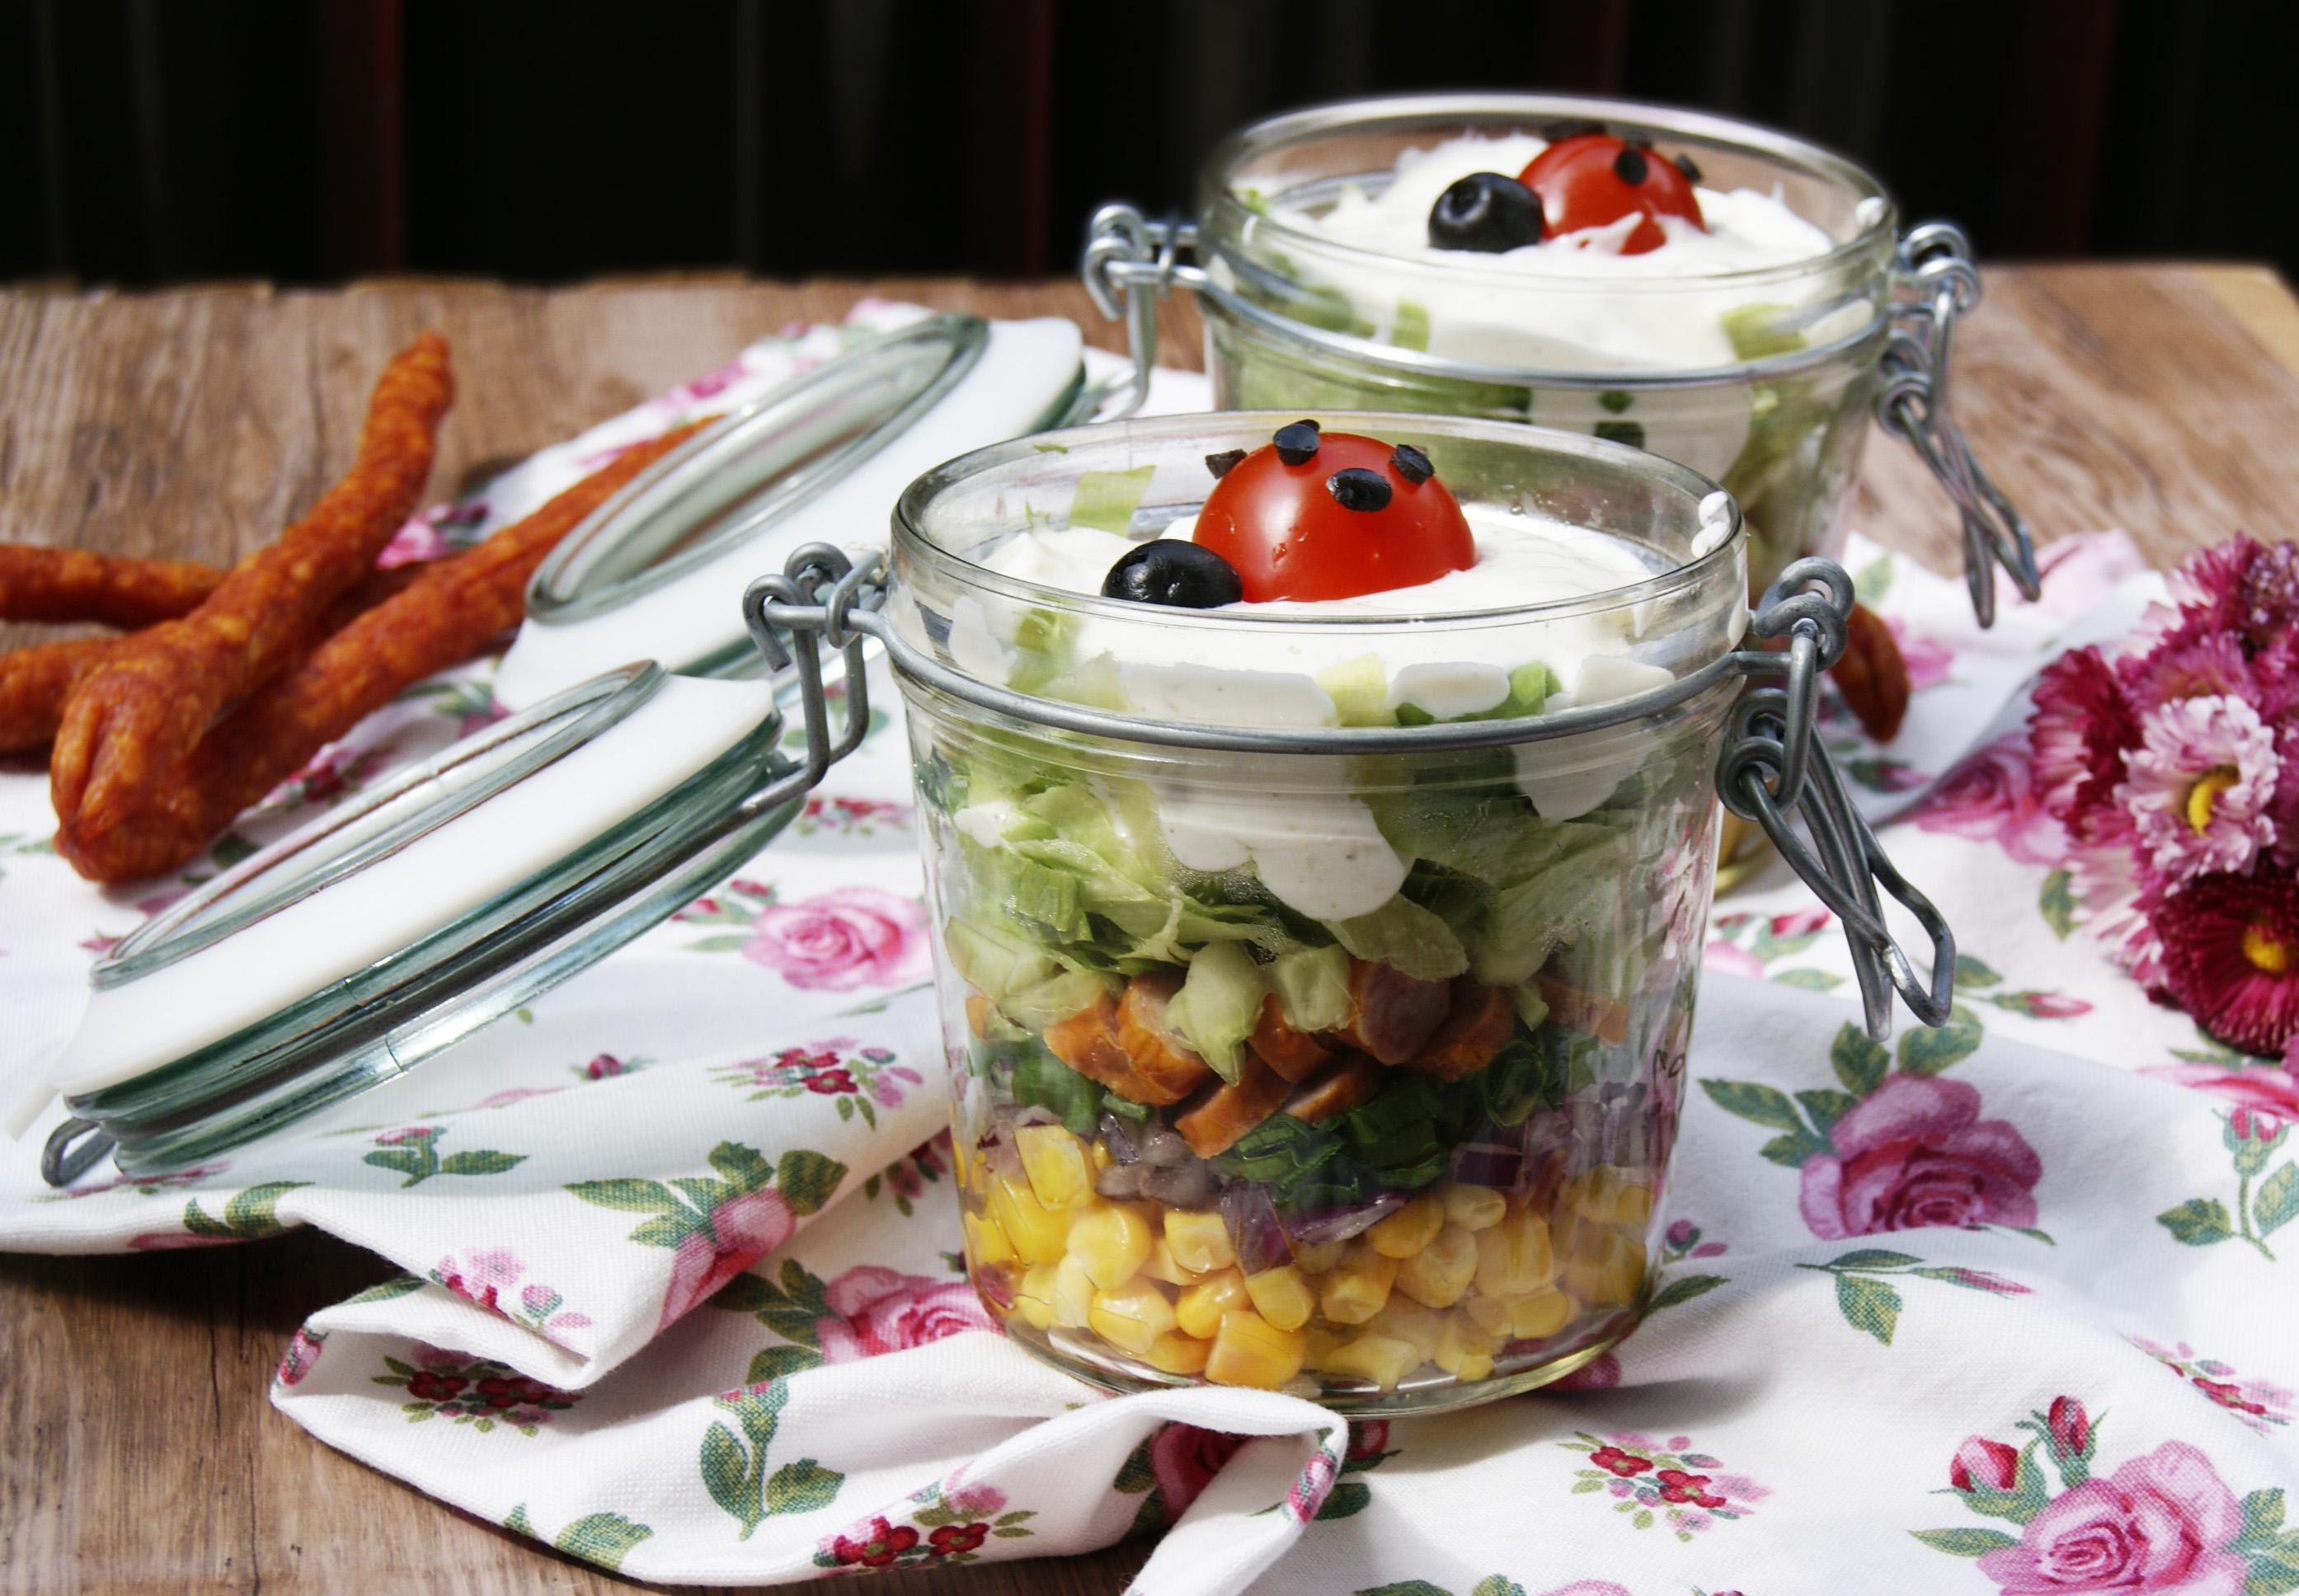 salatka-piknikowa-w-sloiczkach-z-kabanosami